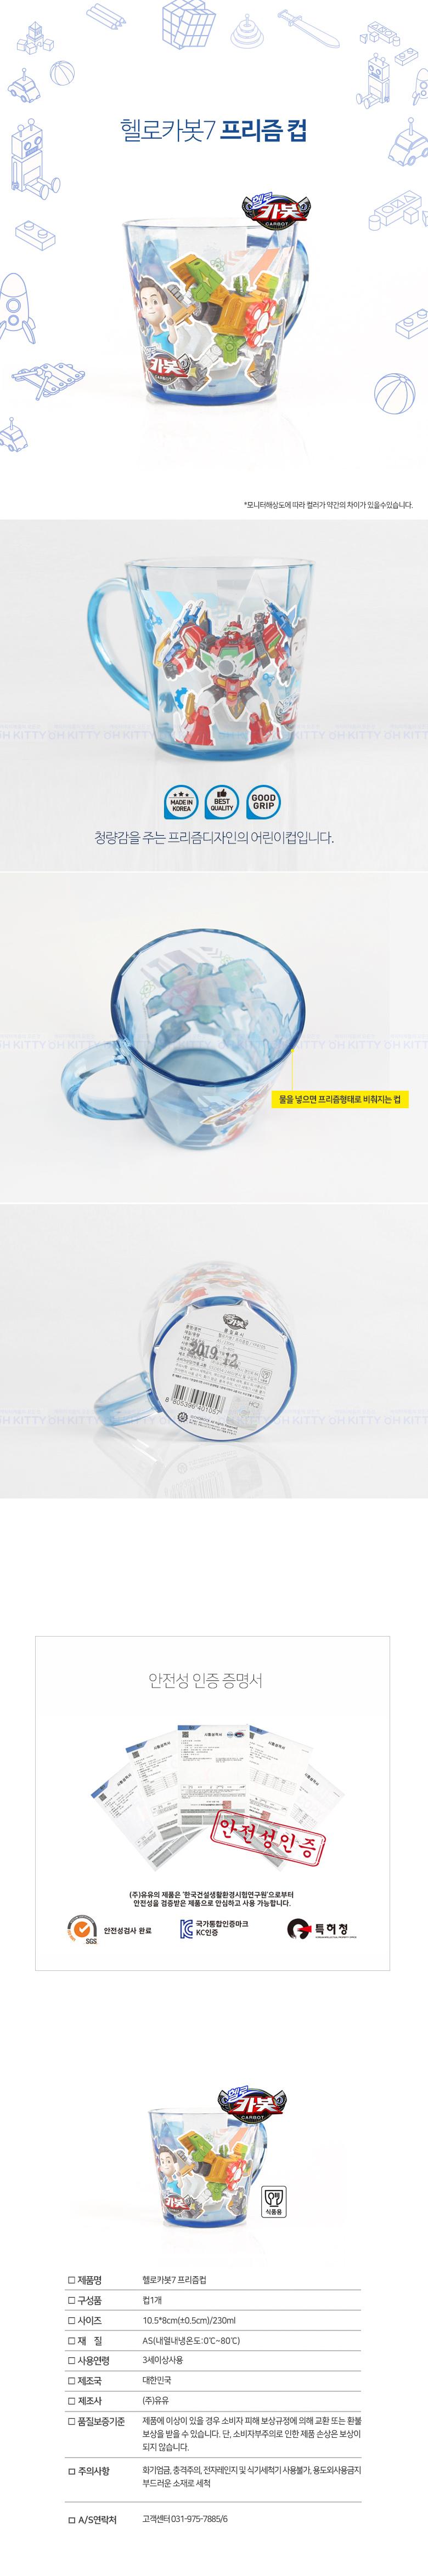 헬로카봇7 프리즘컵 1057 - 씨앤월드, 3,000원, 머그컵, 일러스트머그